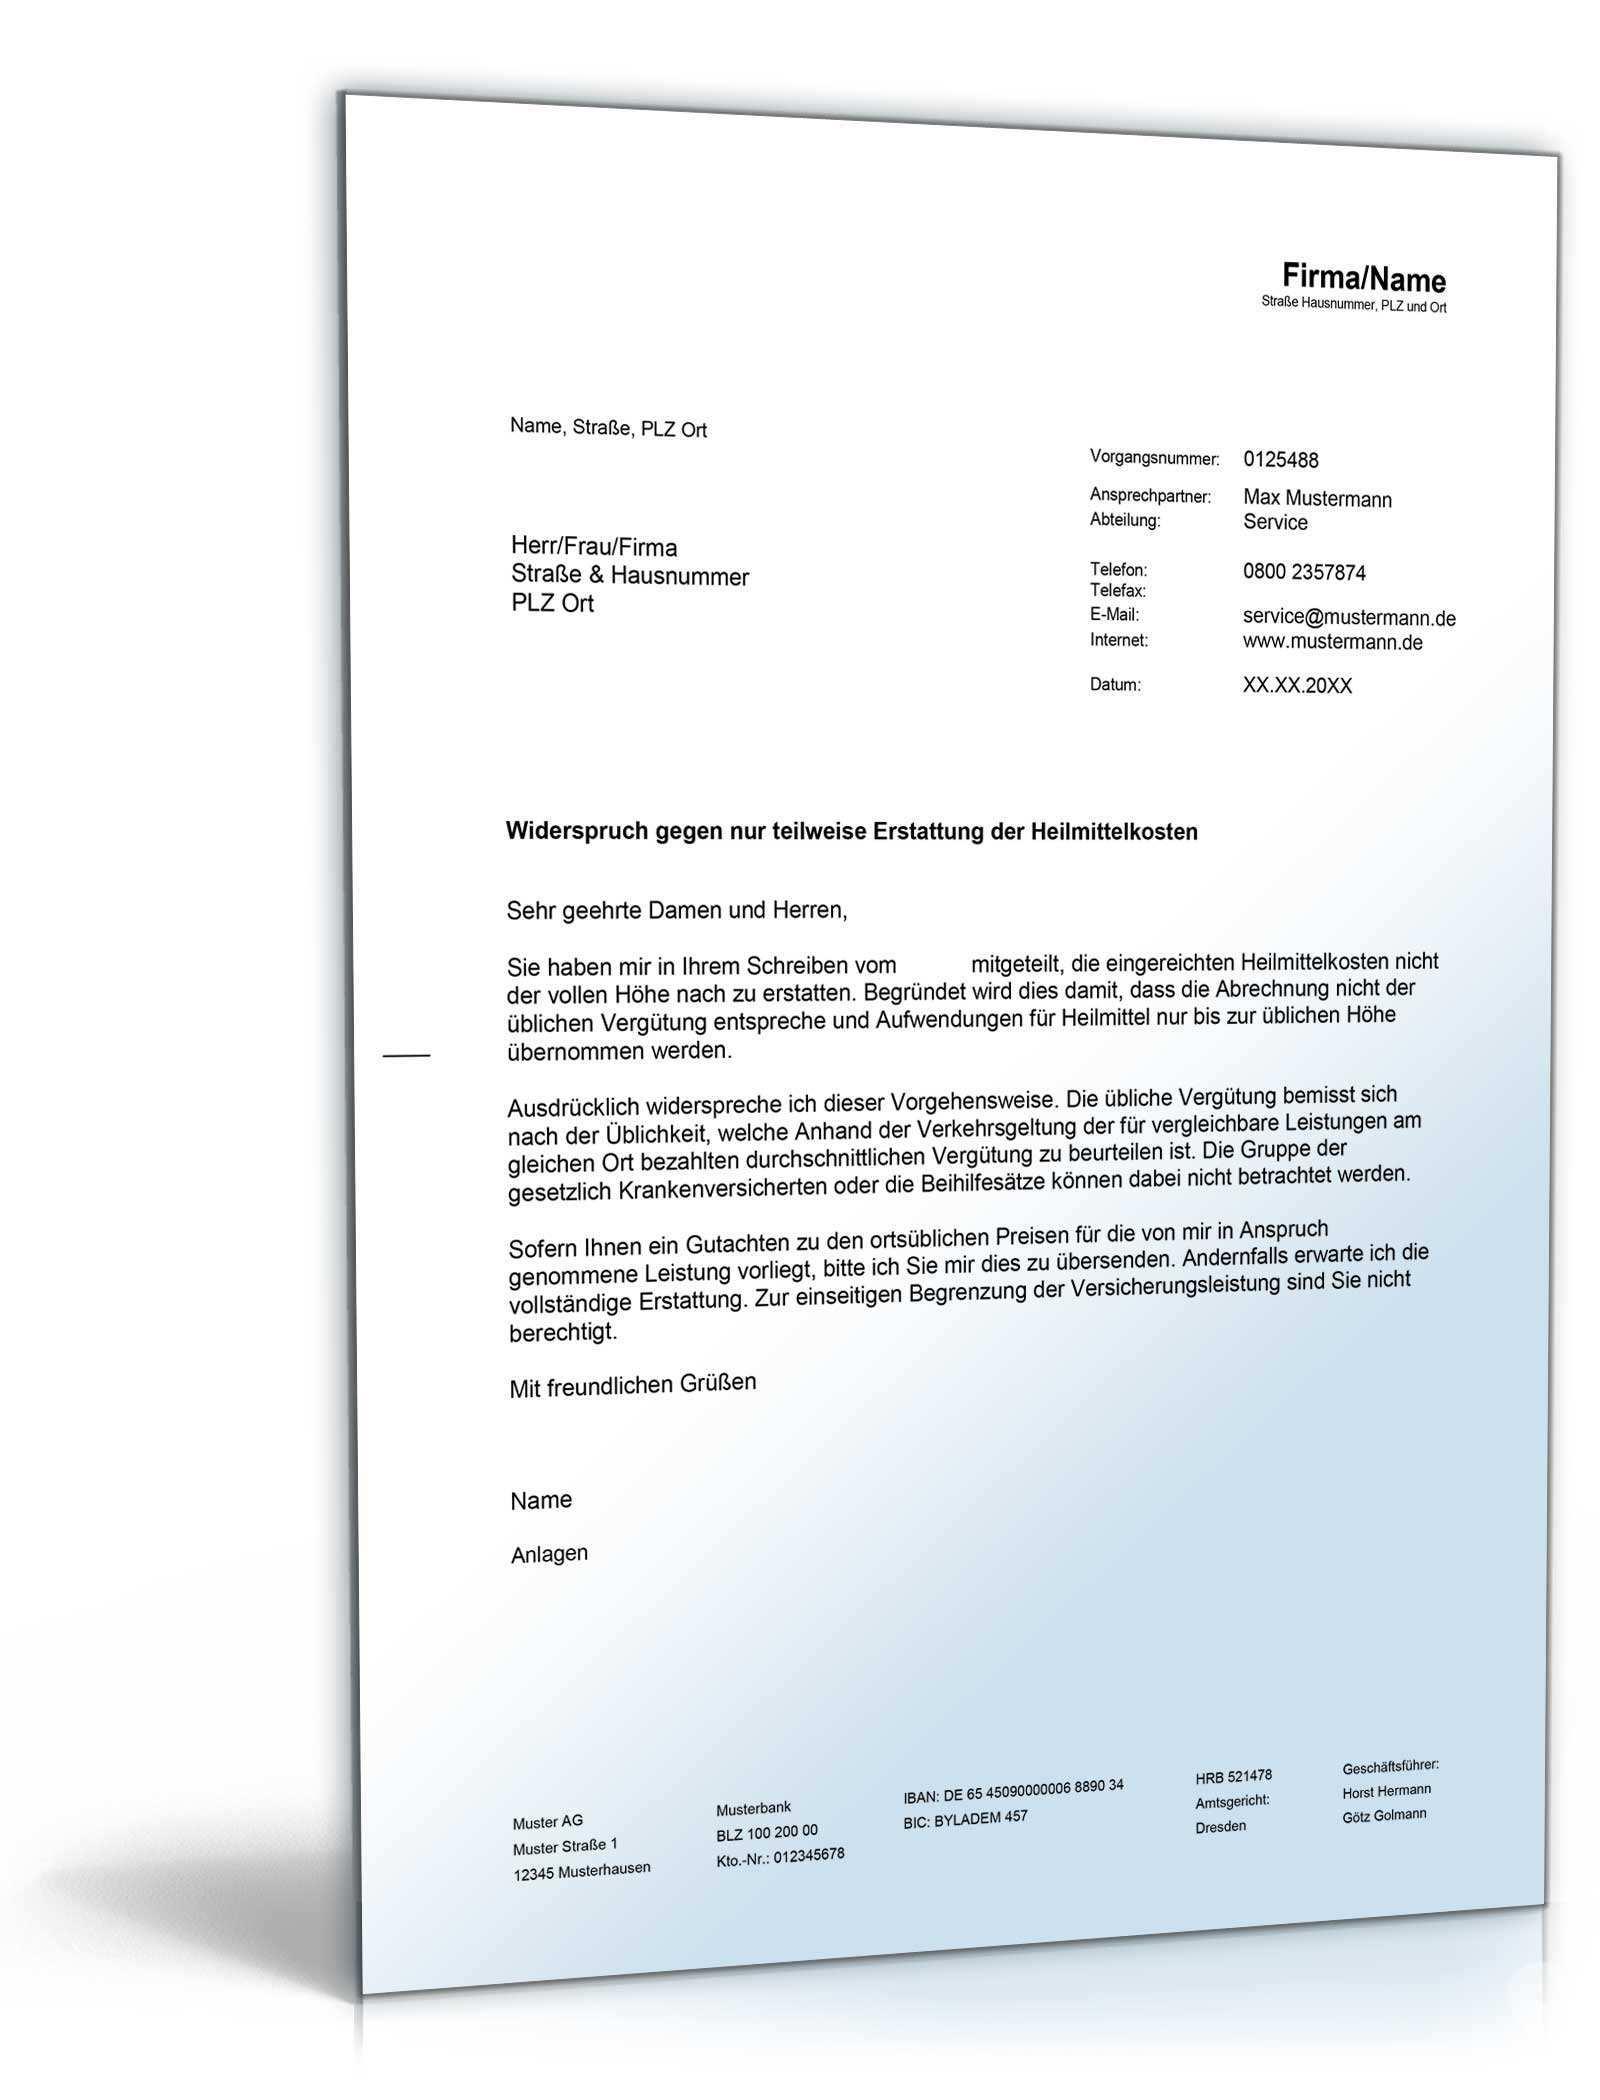 Widerspruch Gegen Ablehnung Durch Gesetzliche Krankenversicherung De Musterbrief Download